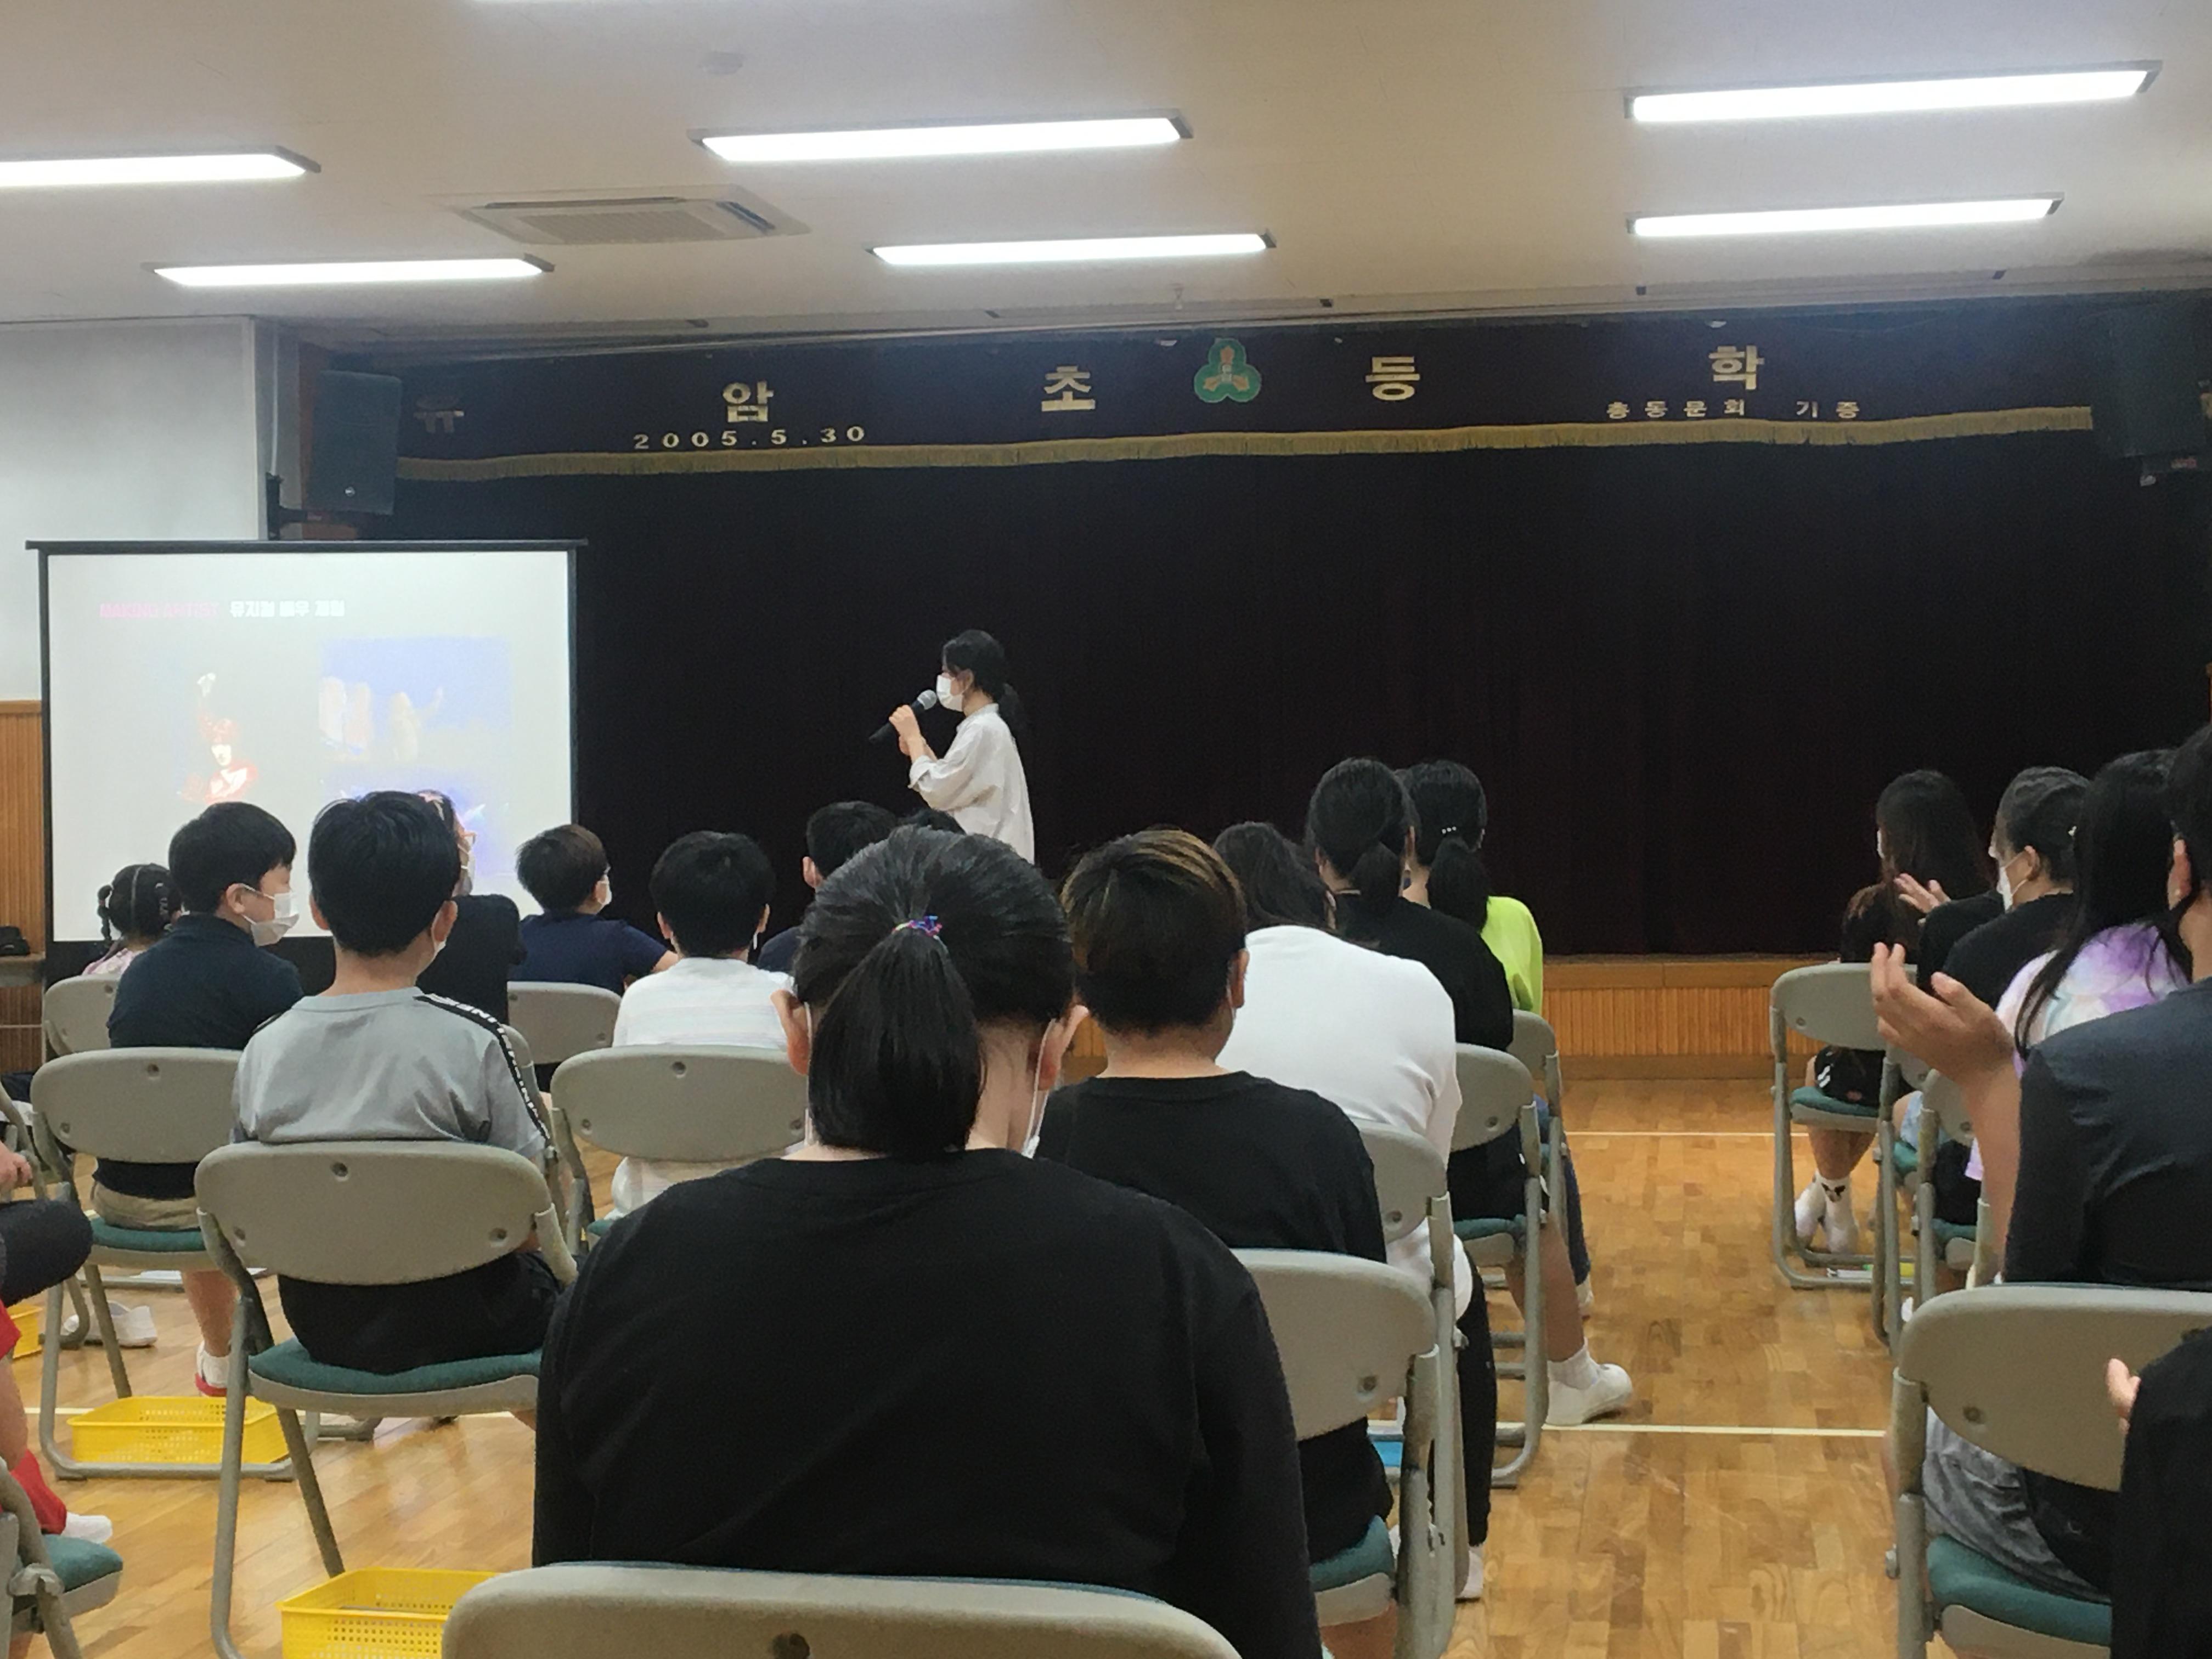 [일반] 0818-0819 진로체험학습의 첨부이미지 6